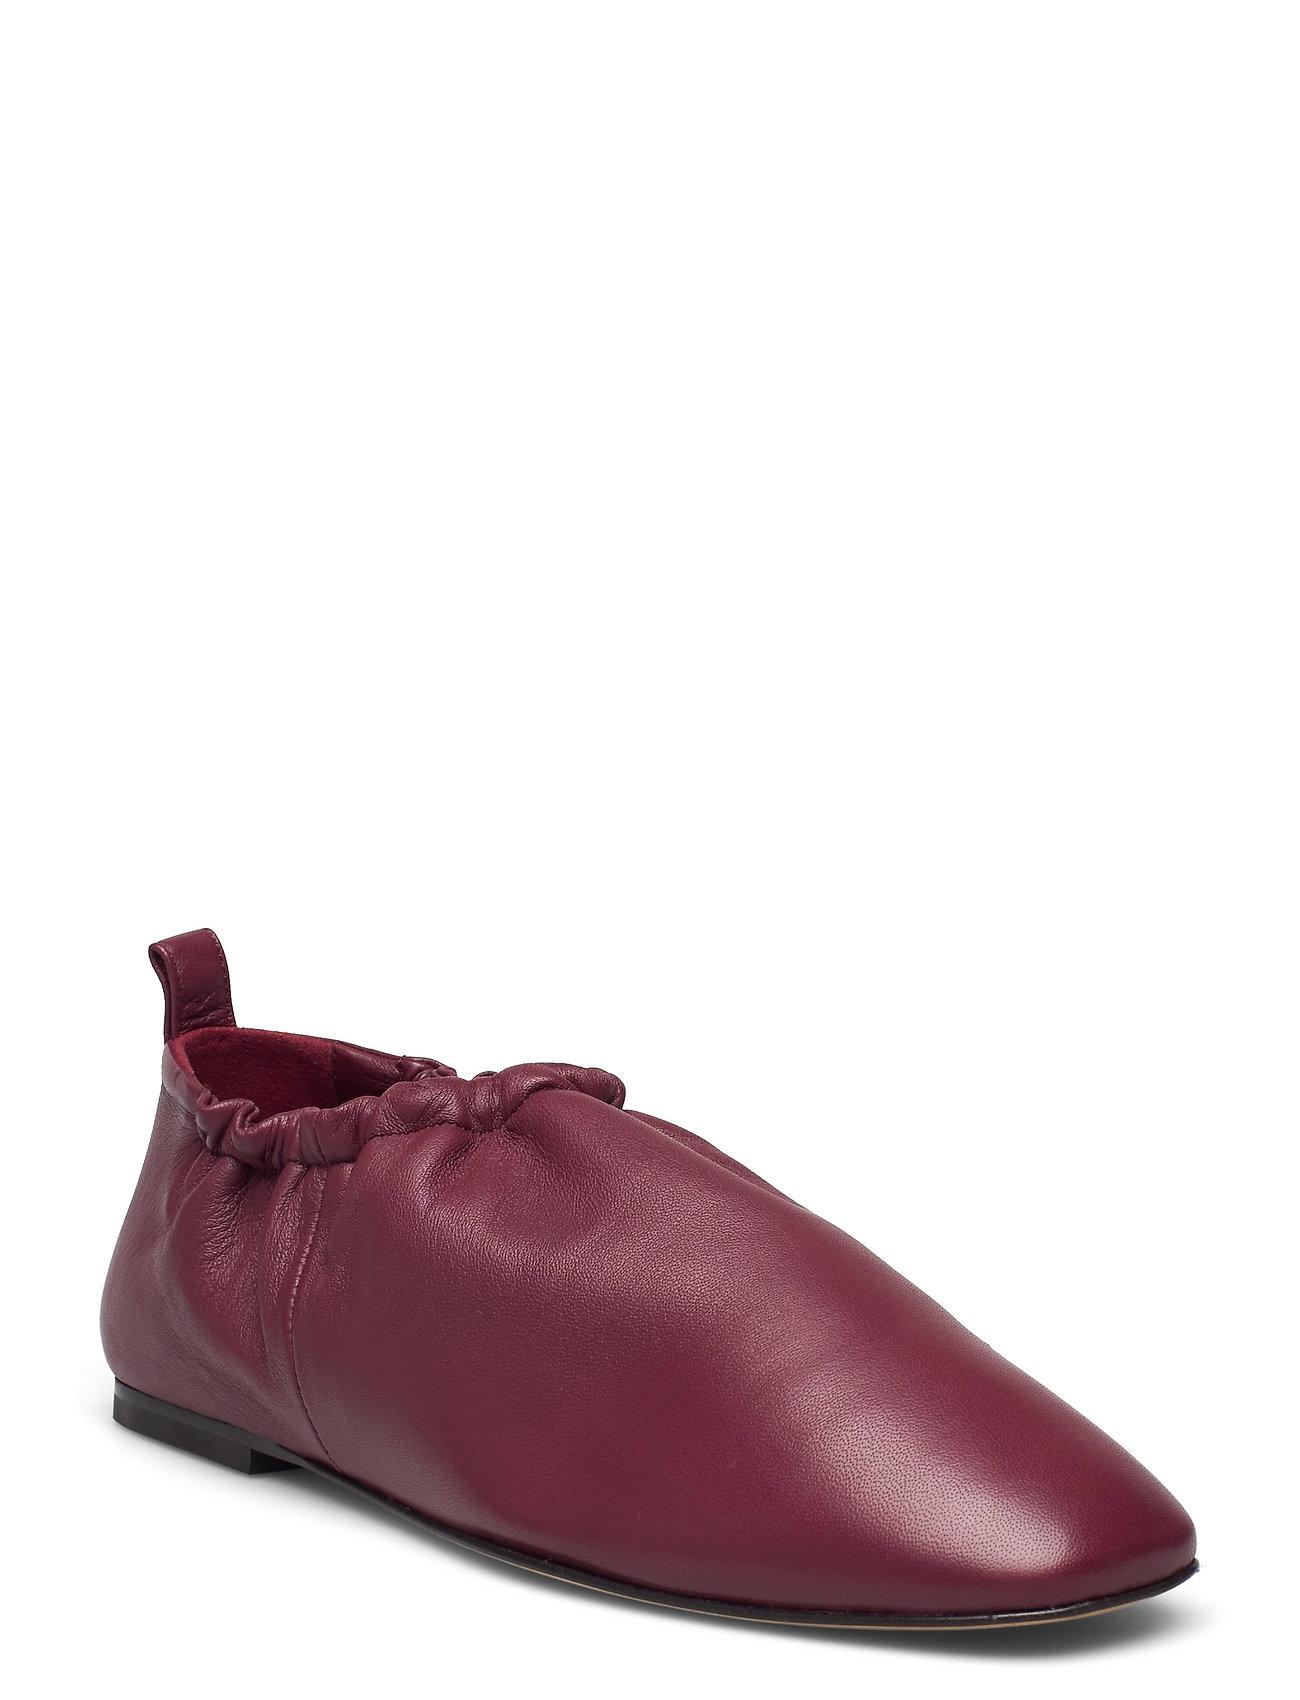 Ssp1-T760nsl / Rouched Slipper Loafers Flade Sko Rød 3.1 Phillip Lim